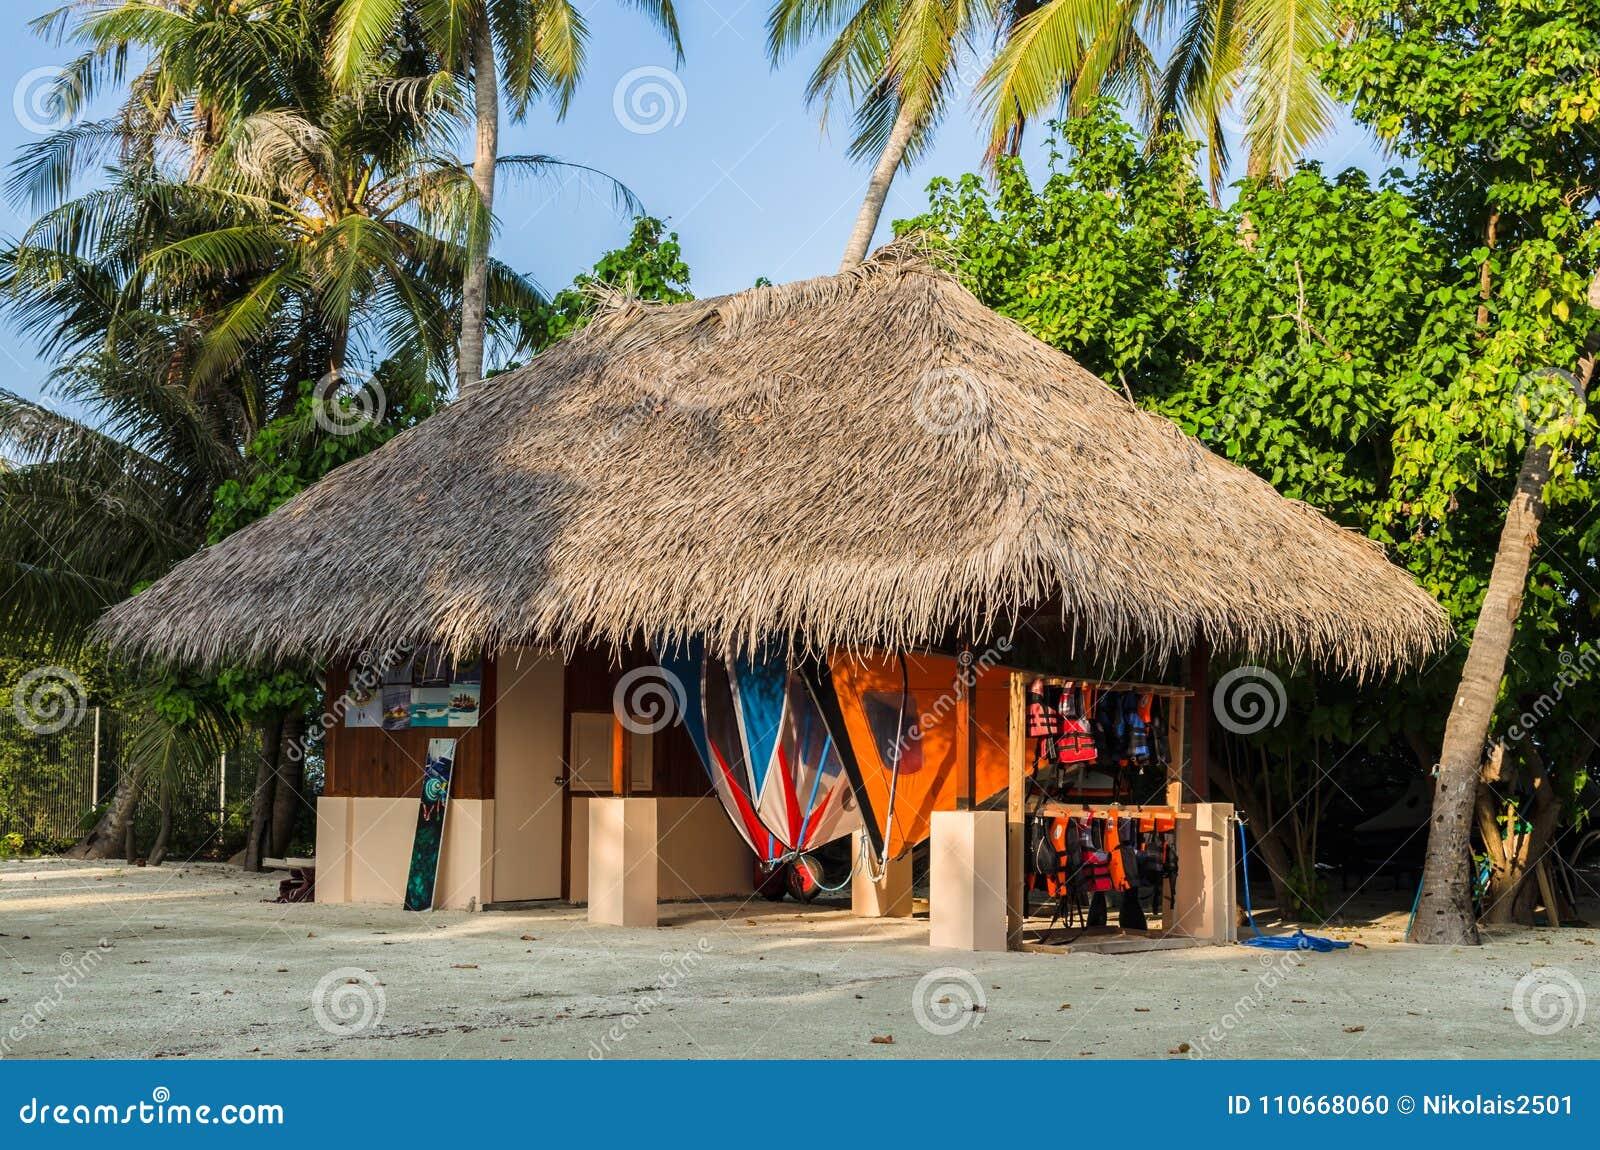 Дайвинг-клуб в национальном стиле Мальдивы, Индийский океан, атолл Kaafu, остров Kuda Huraa